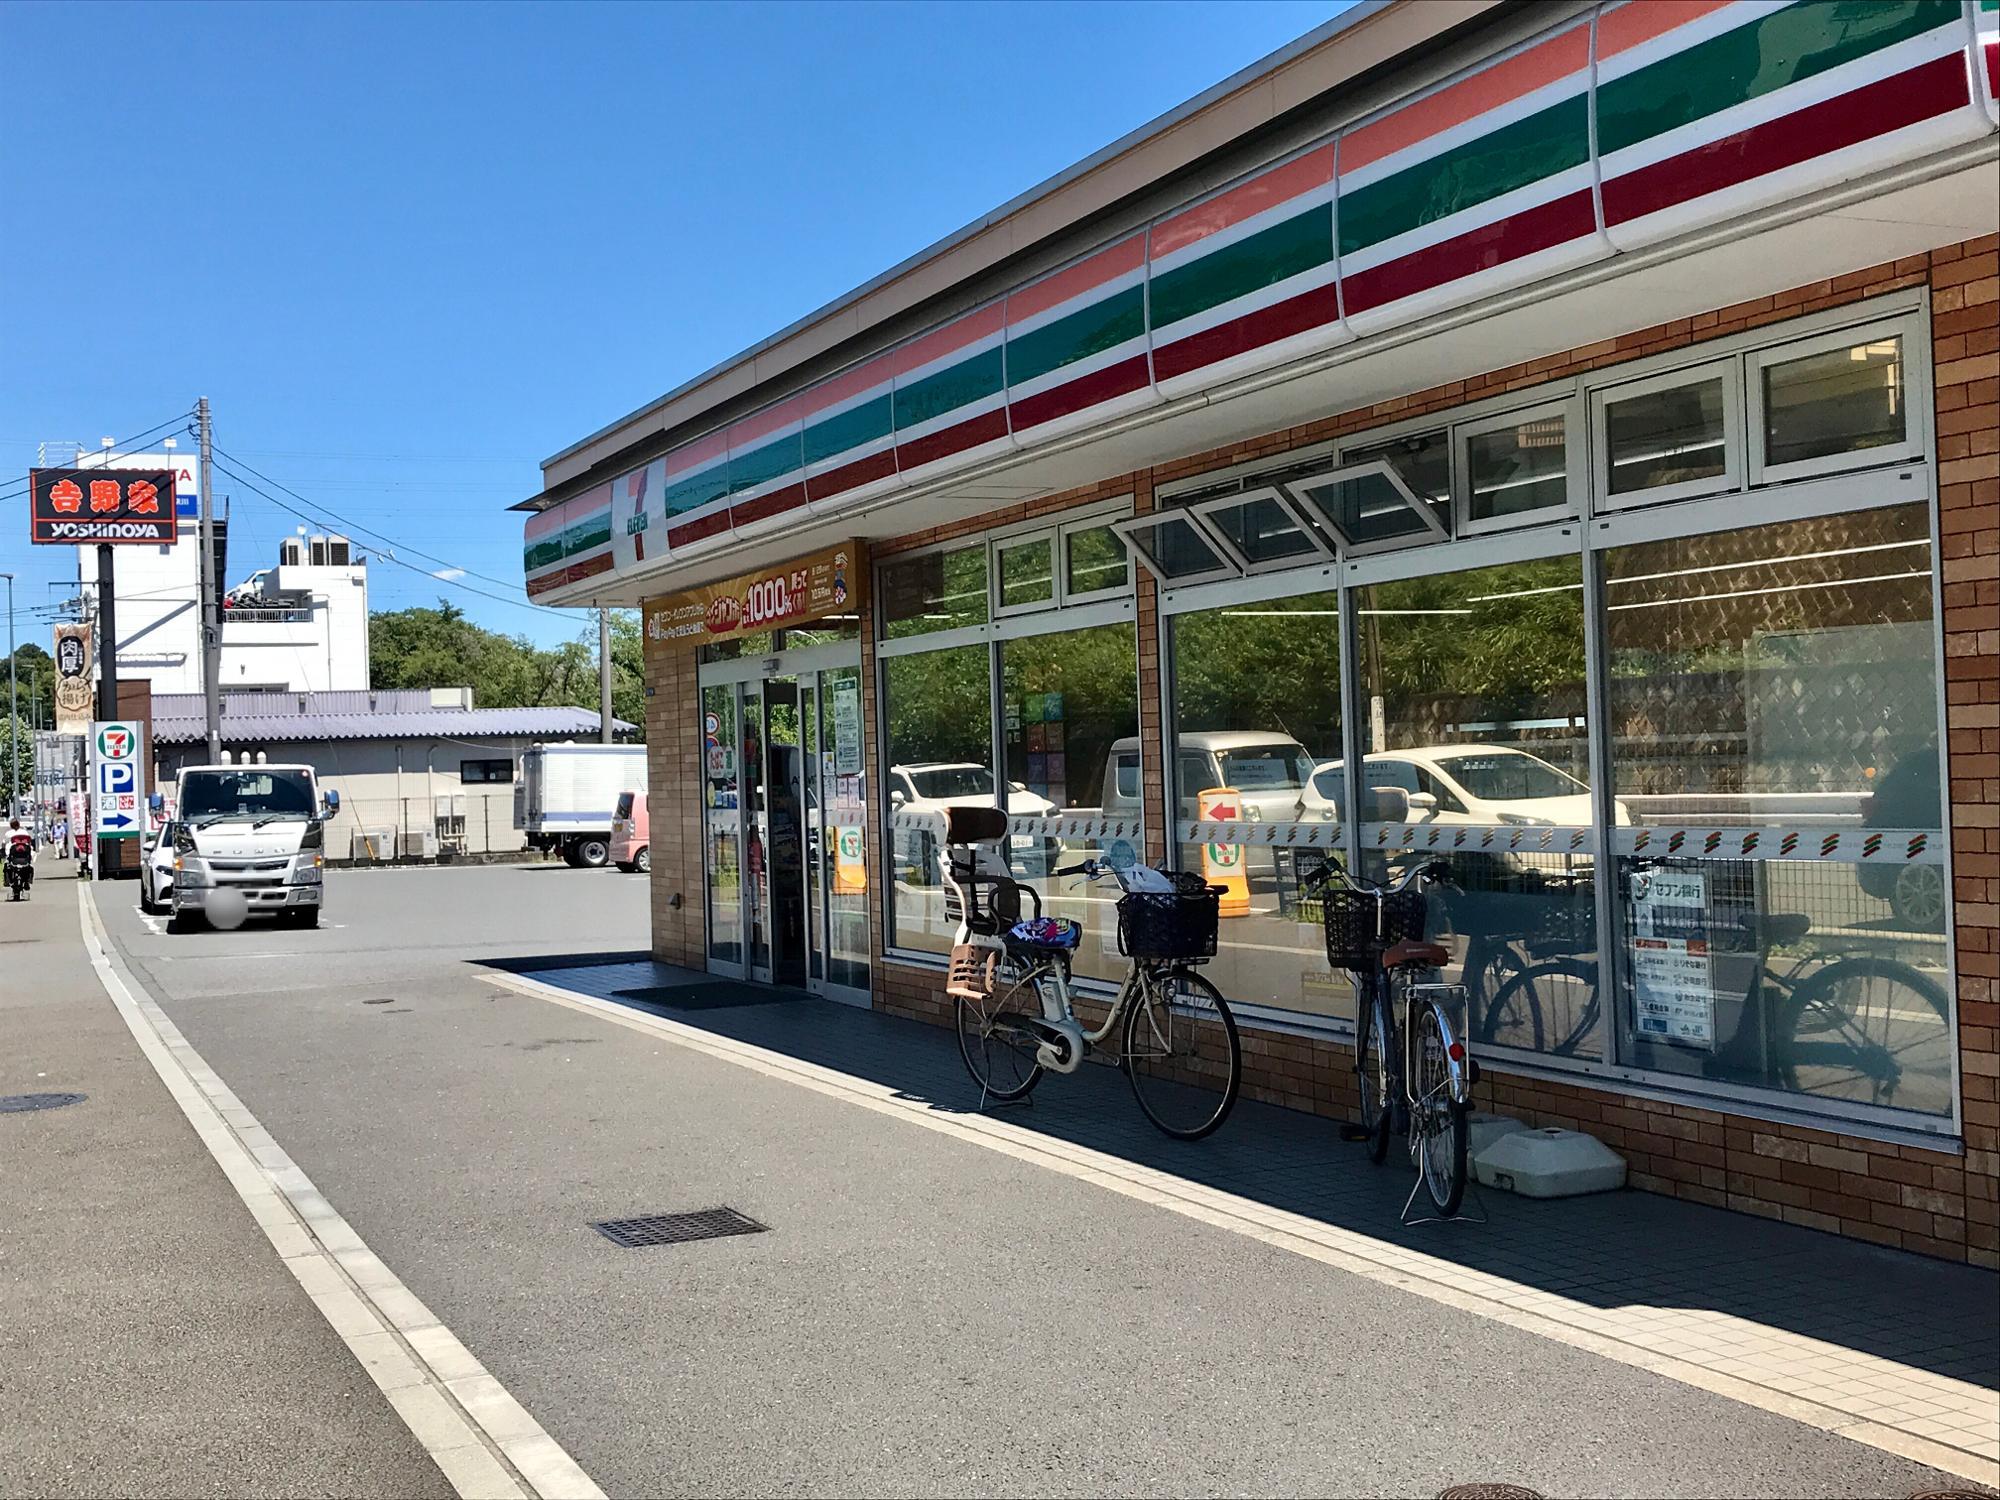 津久井道沿いのセブン-イレブンで購入可能。高津区、宮前区、中原区、多摩区、麻生区の一部の店舗で販売とのことで、川崎市全域ではない理由も気になります。